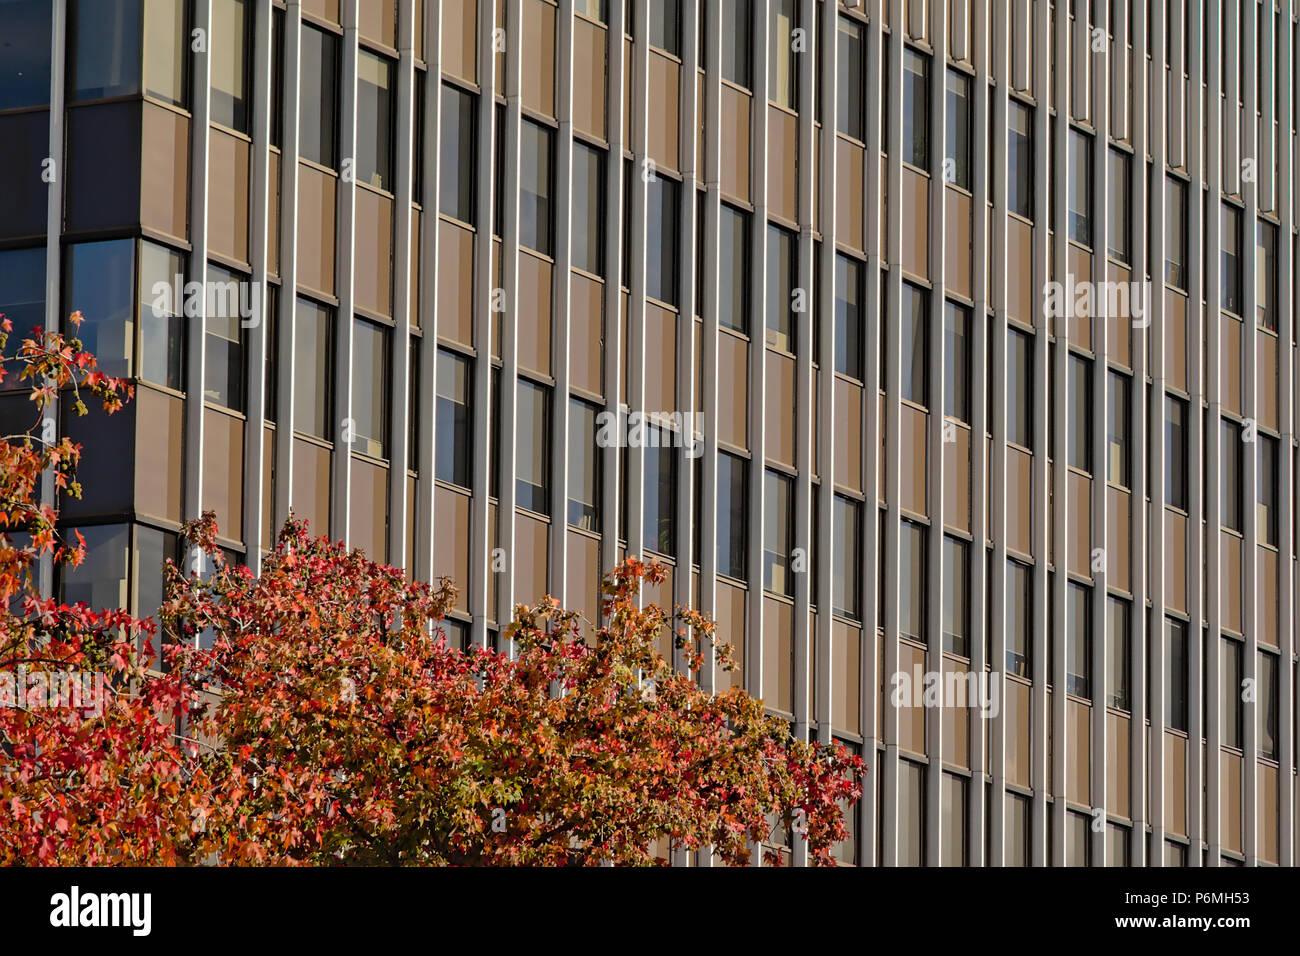 Détail de l'architecture Windows, d'un immeuble de bureaux dans un motif répétitif, angle diagonal, avec arbre d'automne crest en face Photo Stock